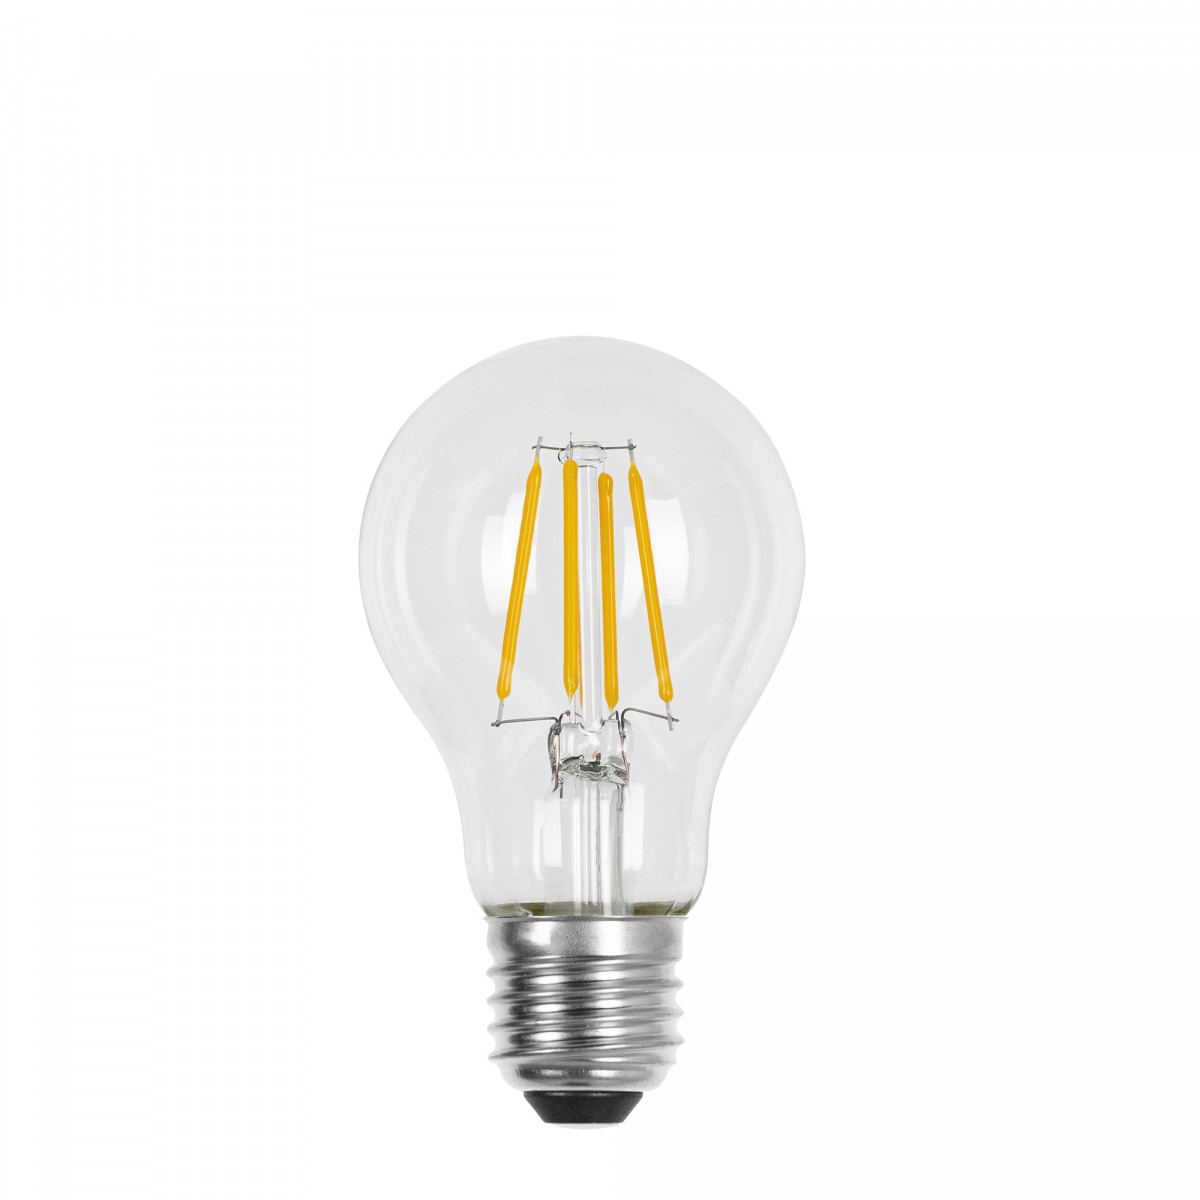 Deco LED Leuchtmittel 6er-Pack